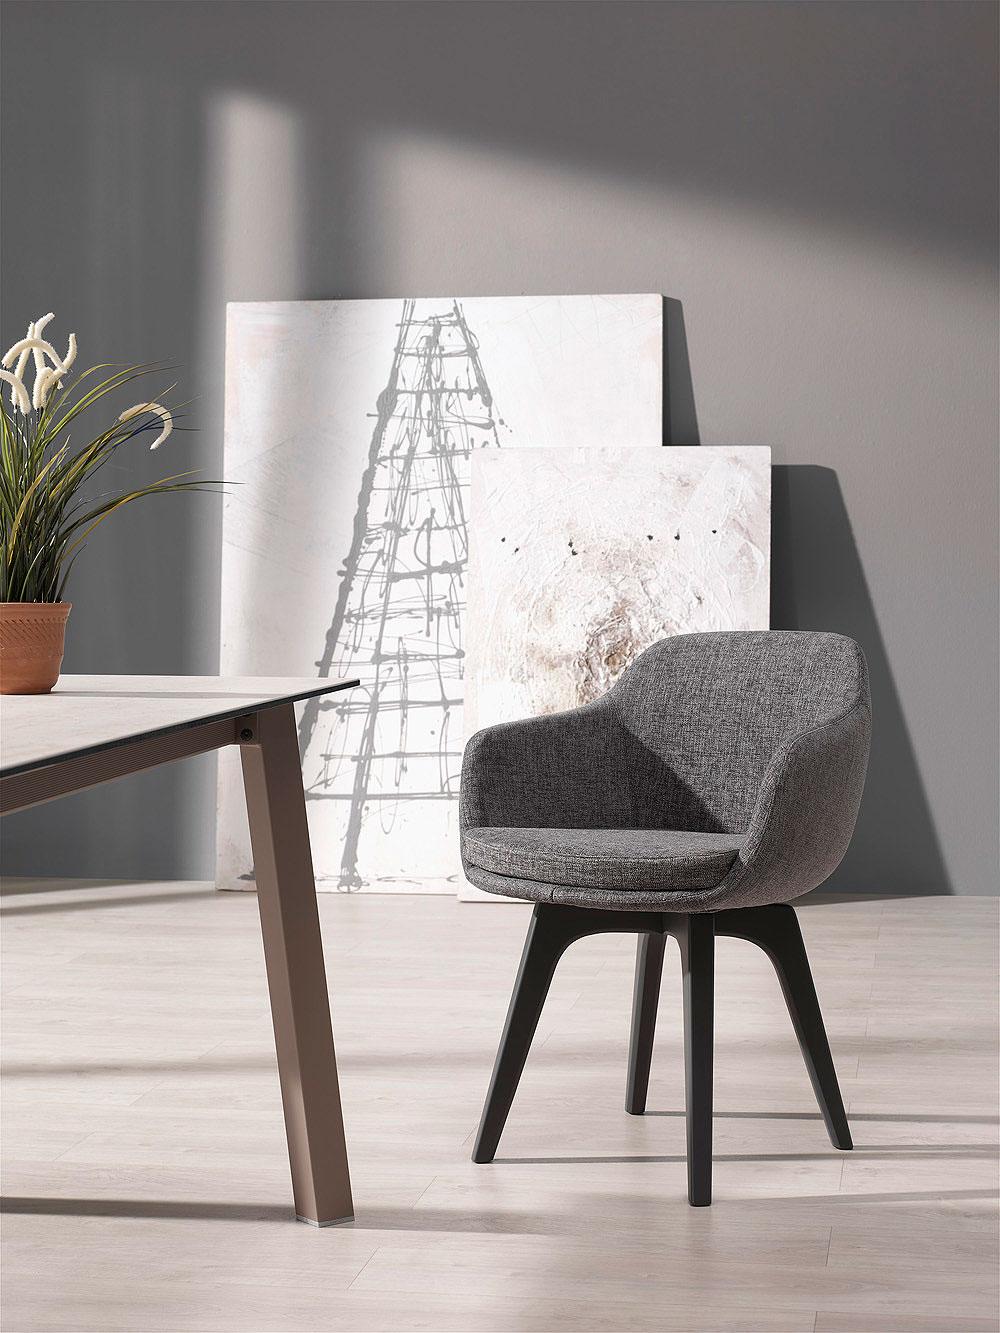 silla-lap-dressy-mobliberica-santiago-sevillano (2)